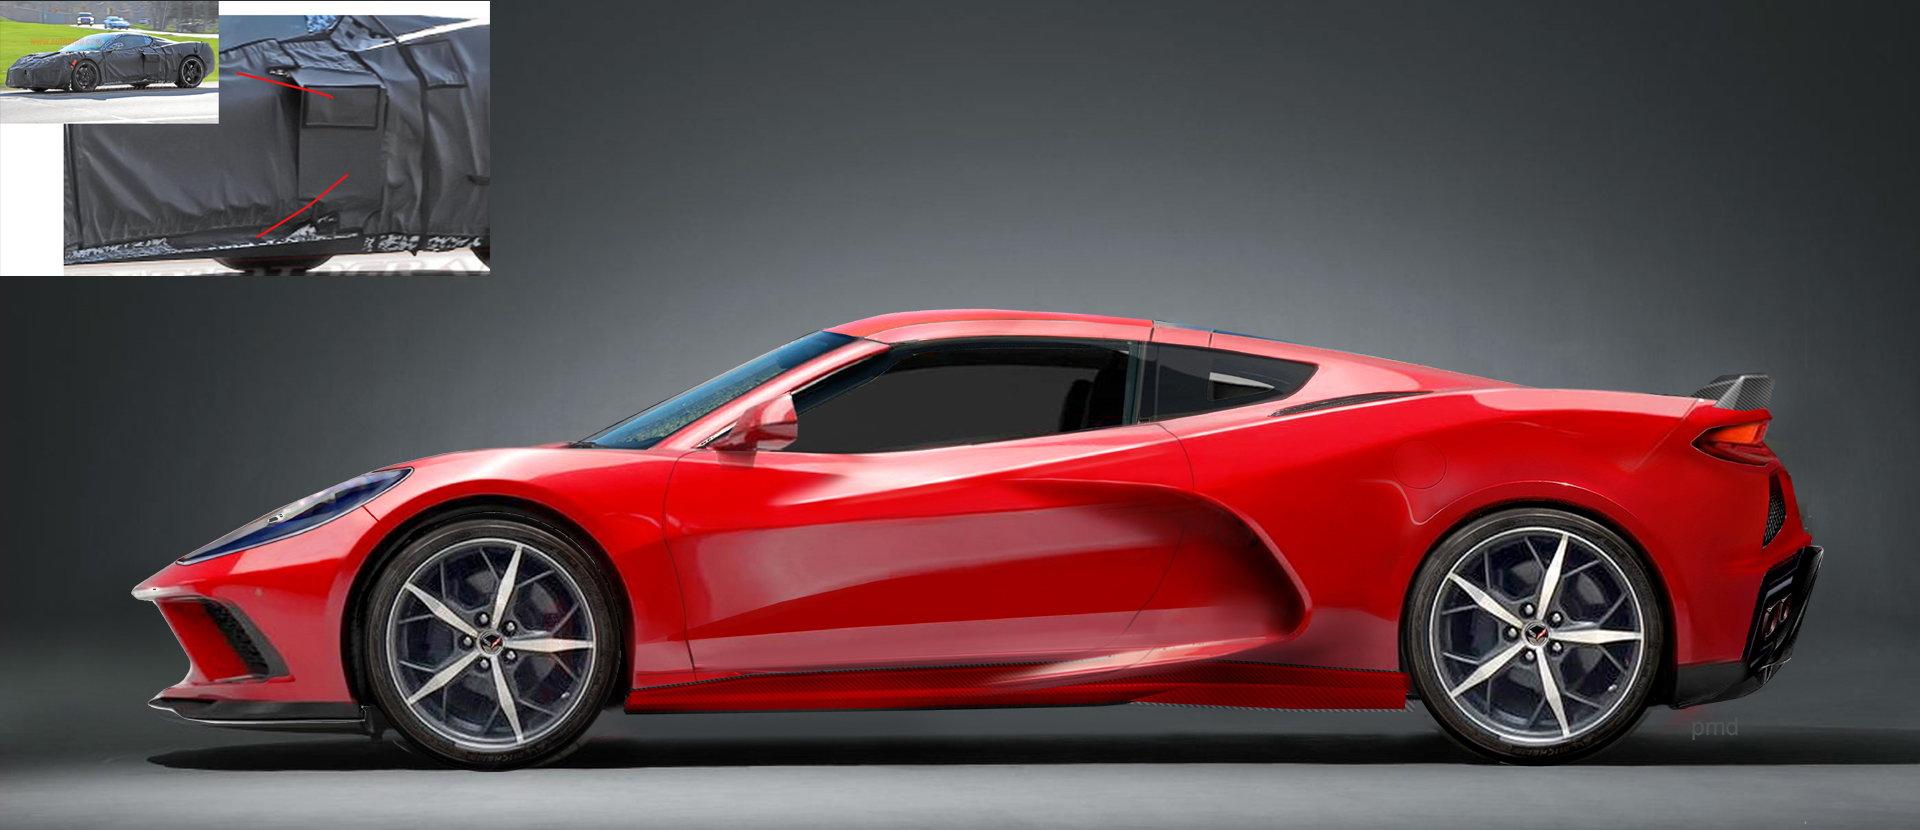 2020 C8 - Mid Engine Corvette - best guess renderings ...